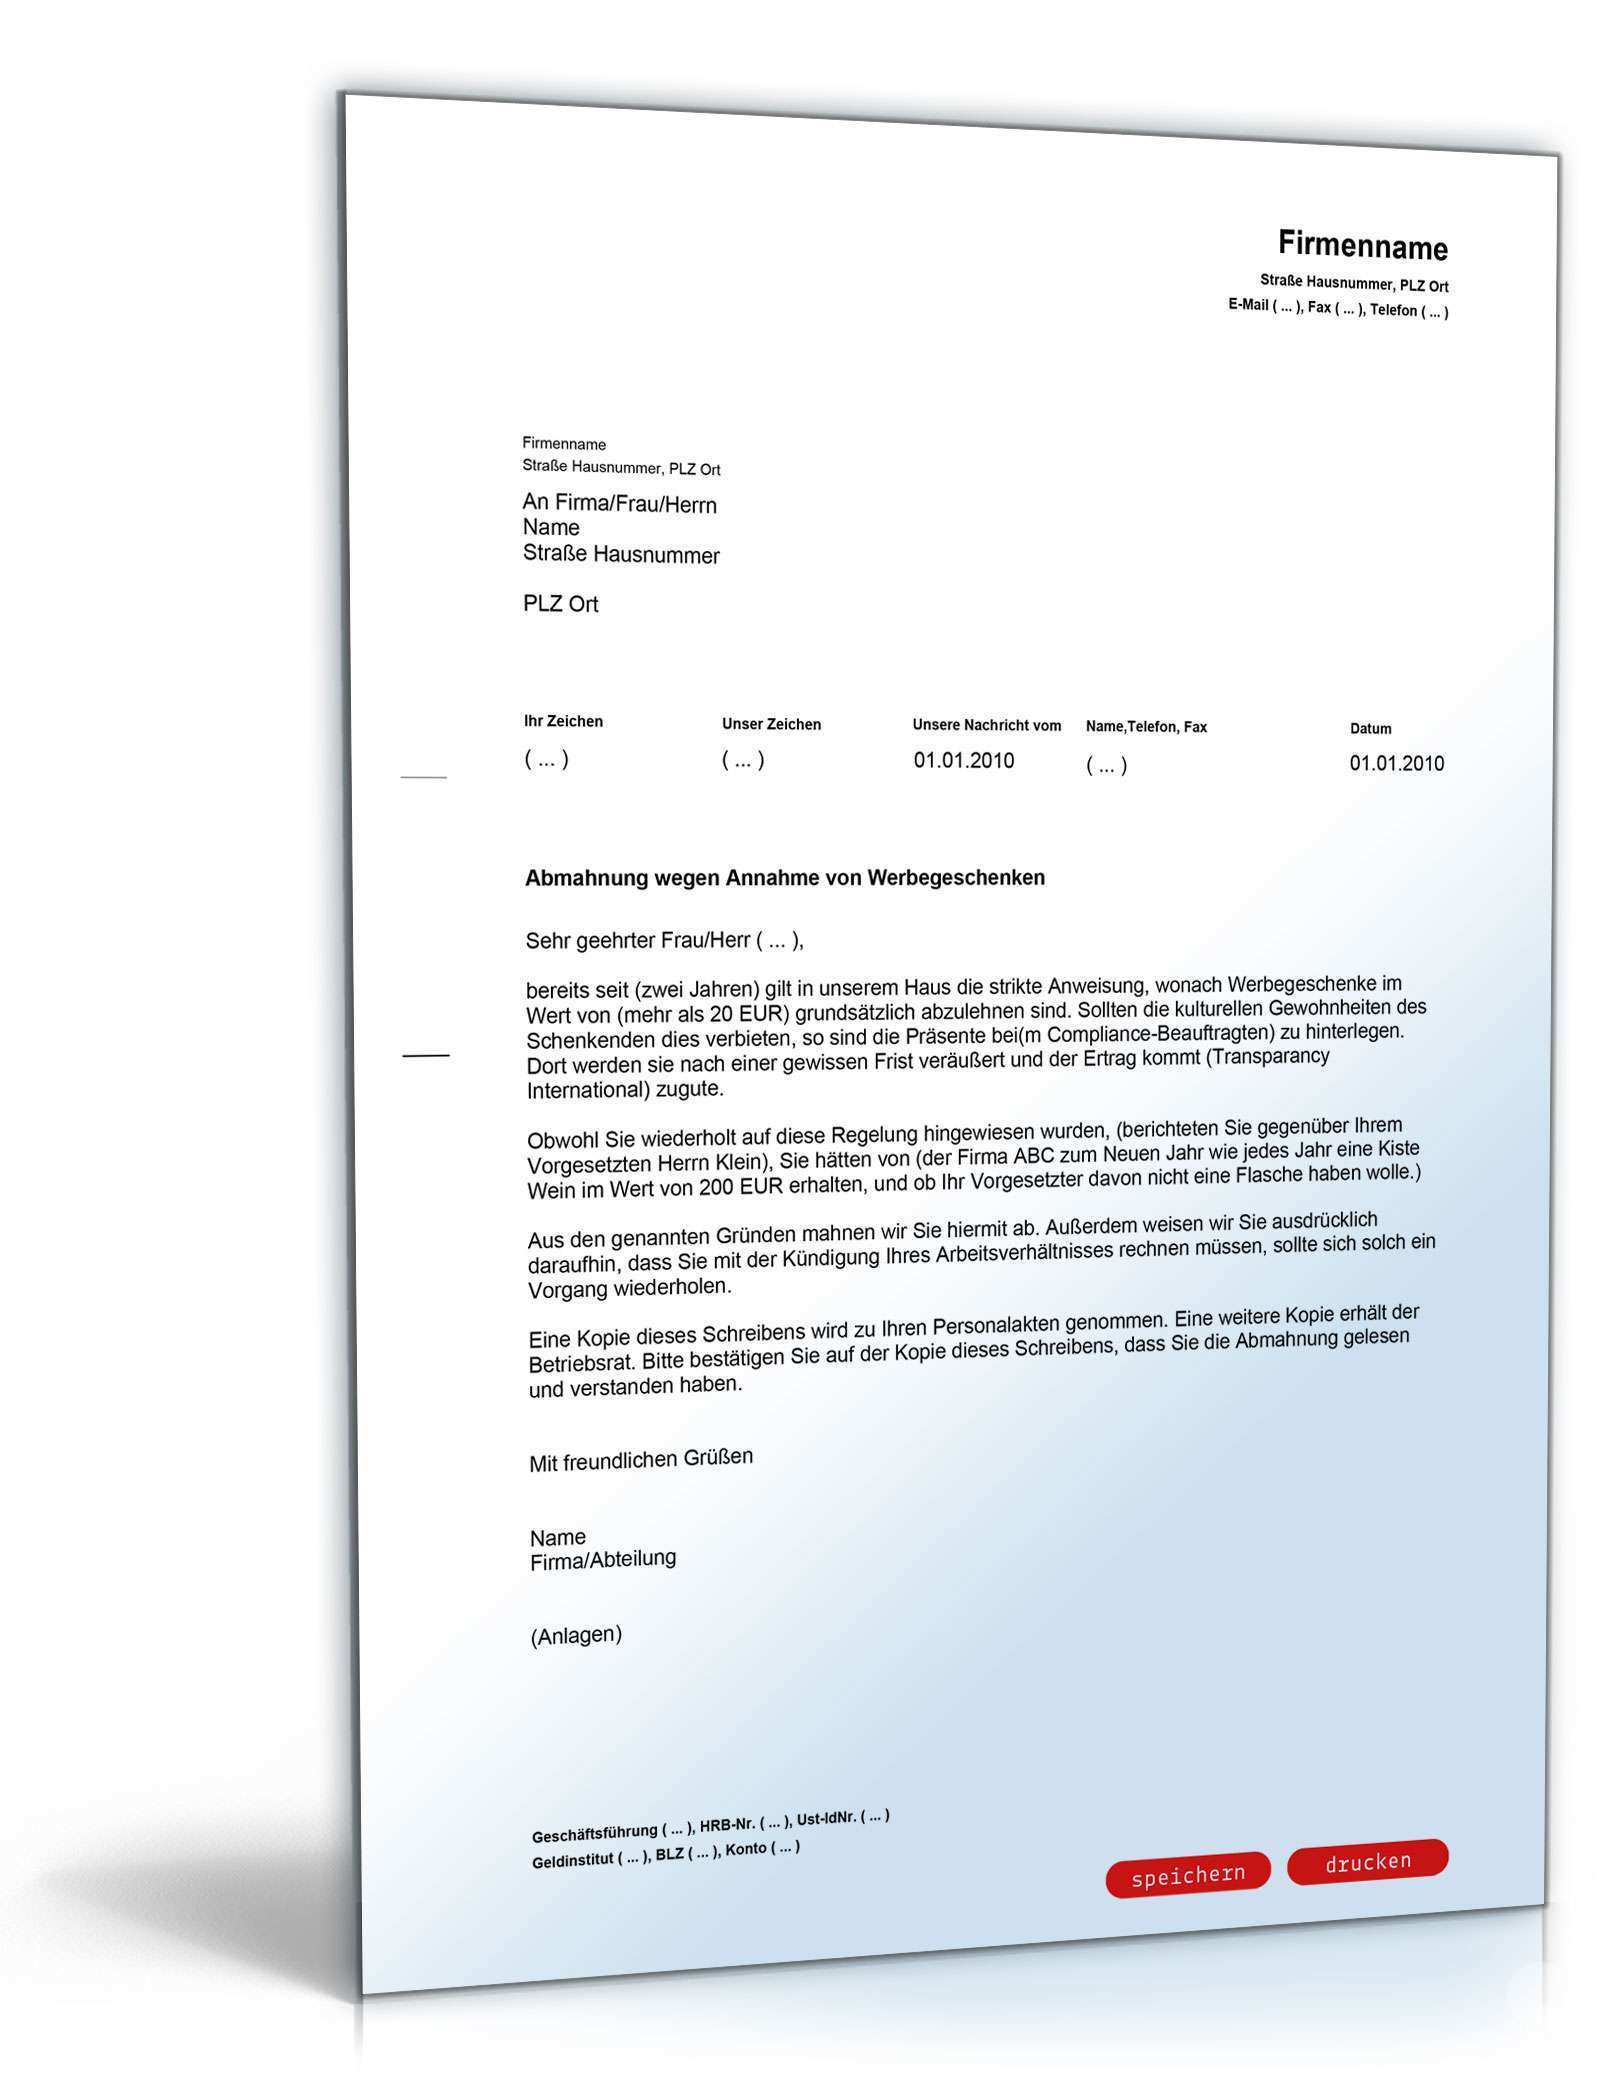 Abmahnung Annahme Von Werbegeschenken Vorlage Zum Download